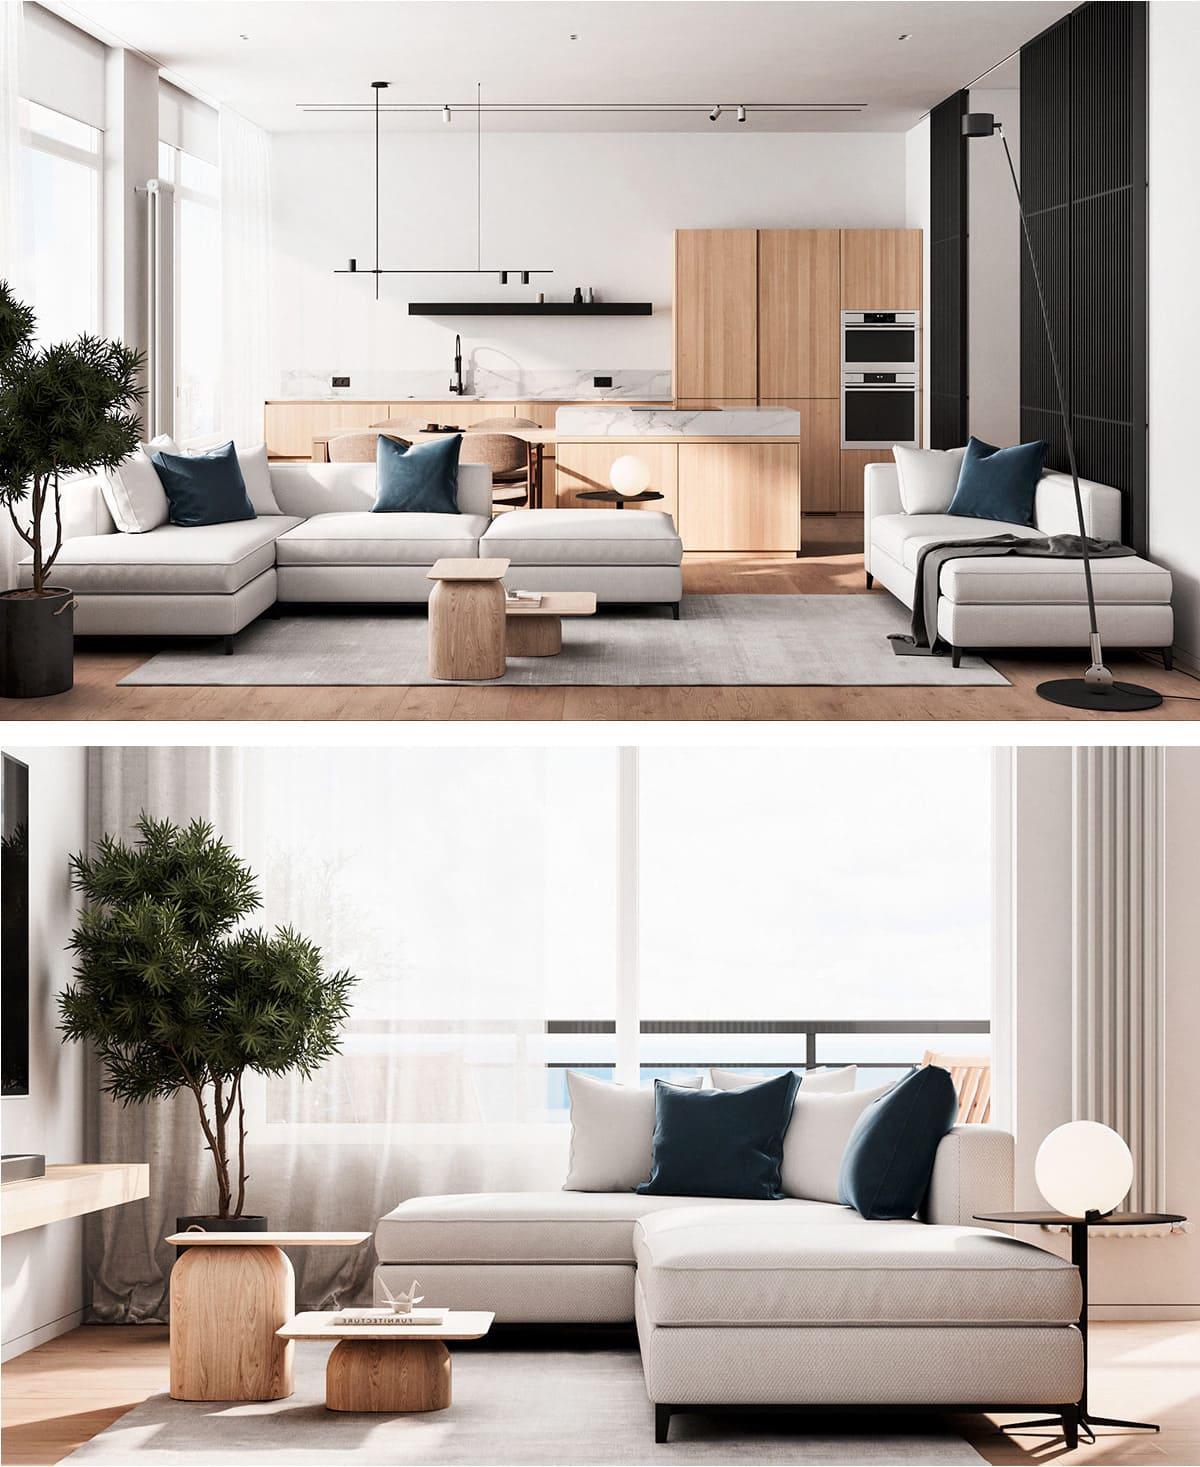 дизайн интерьера гостиной фото 17